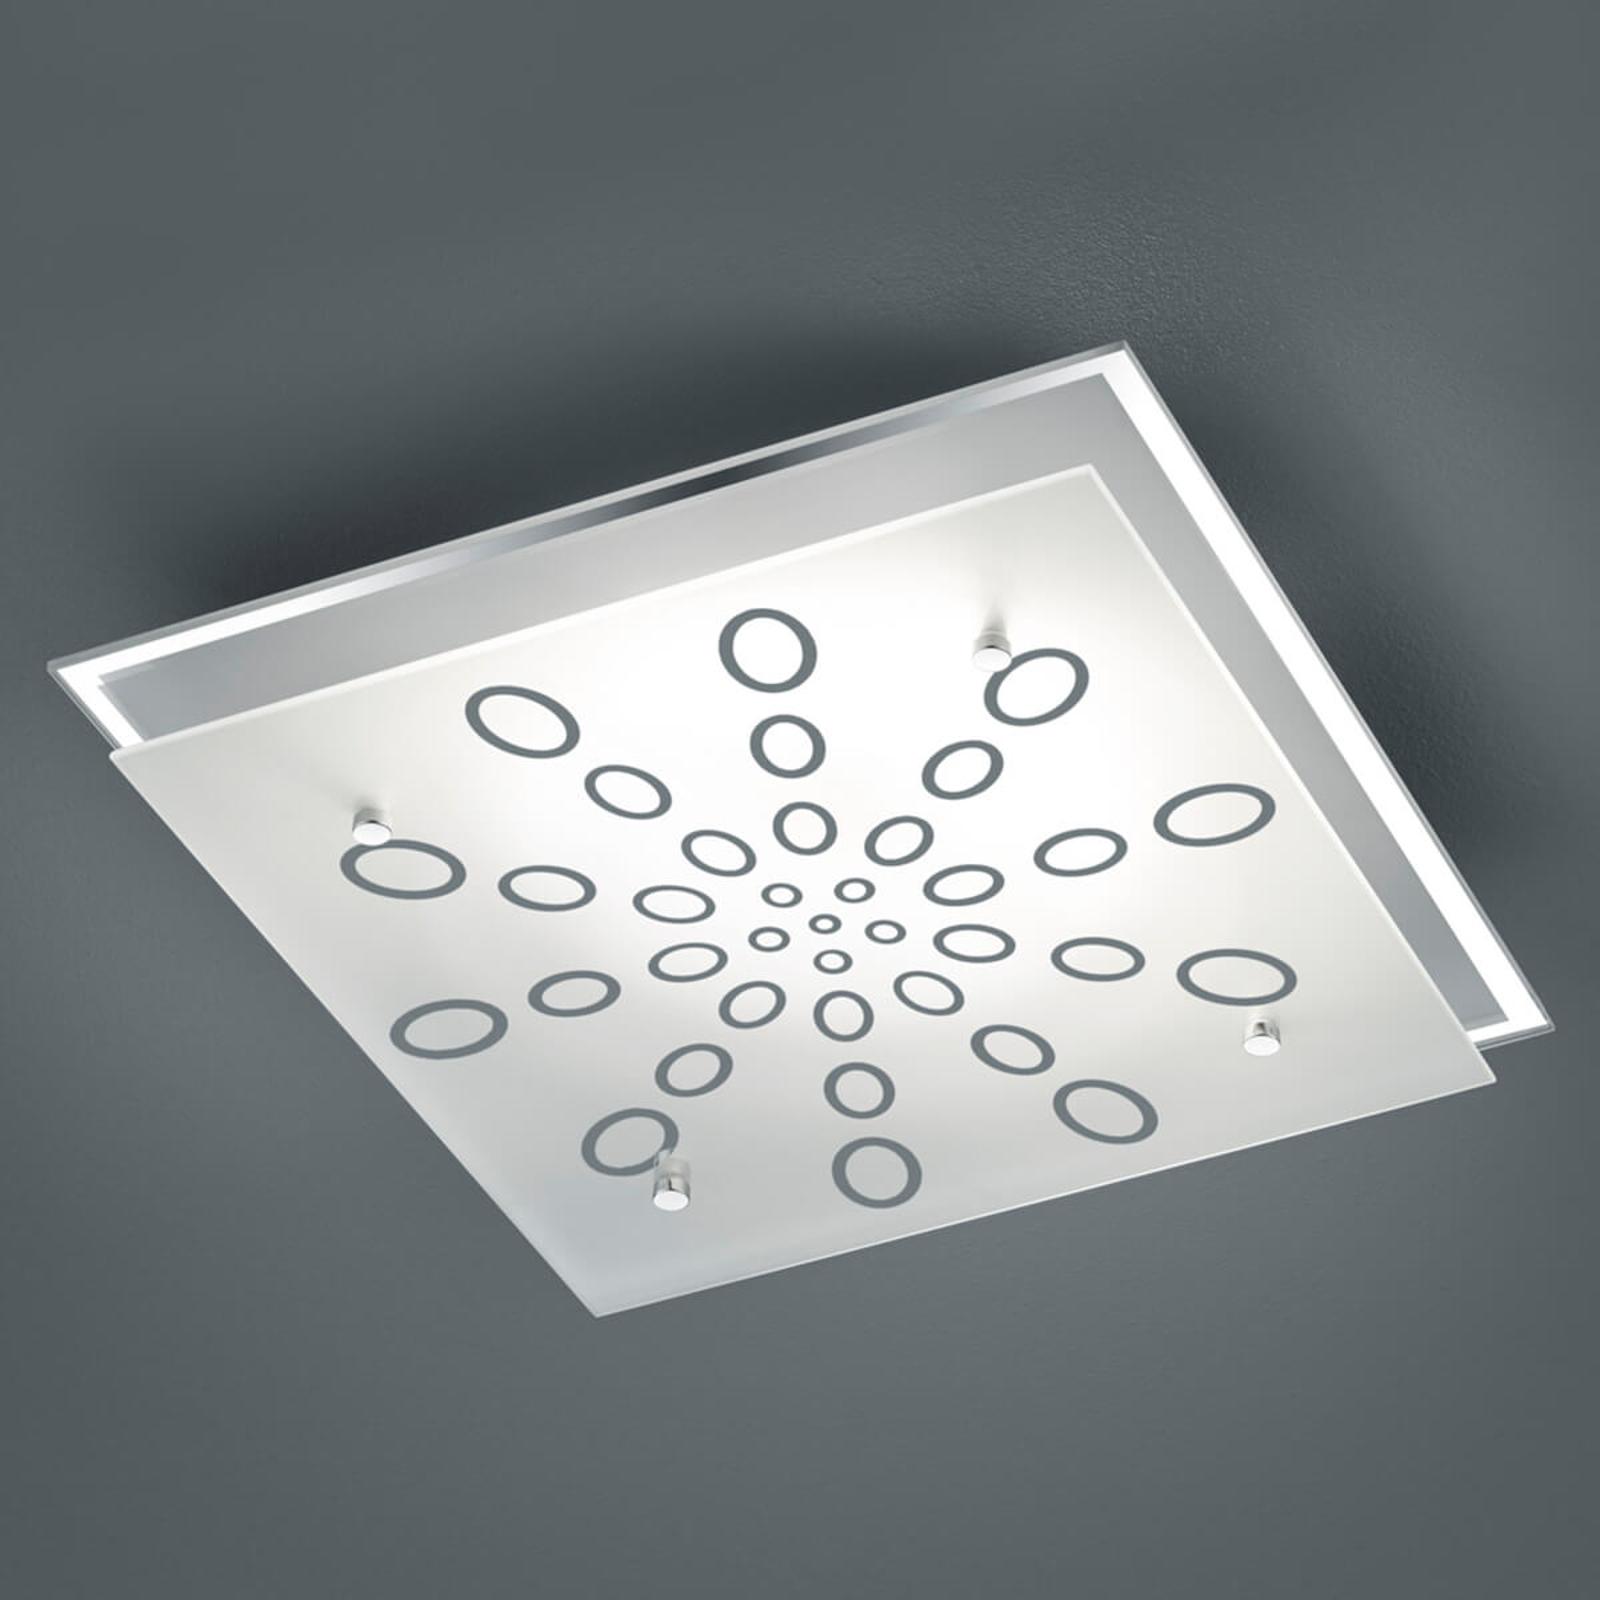 Lampa sufitowa LED Dukat, ściemniana